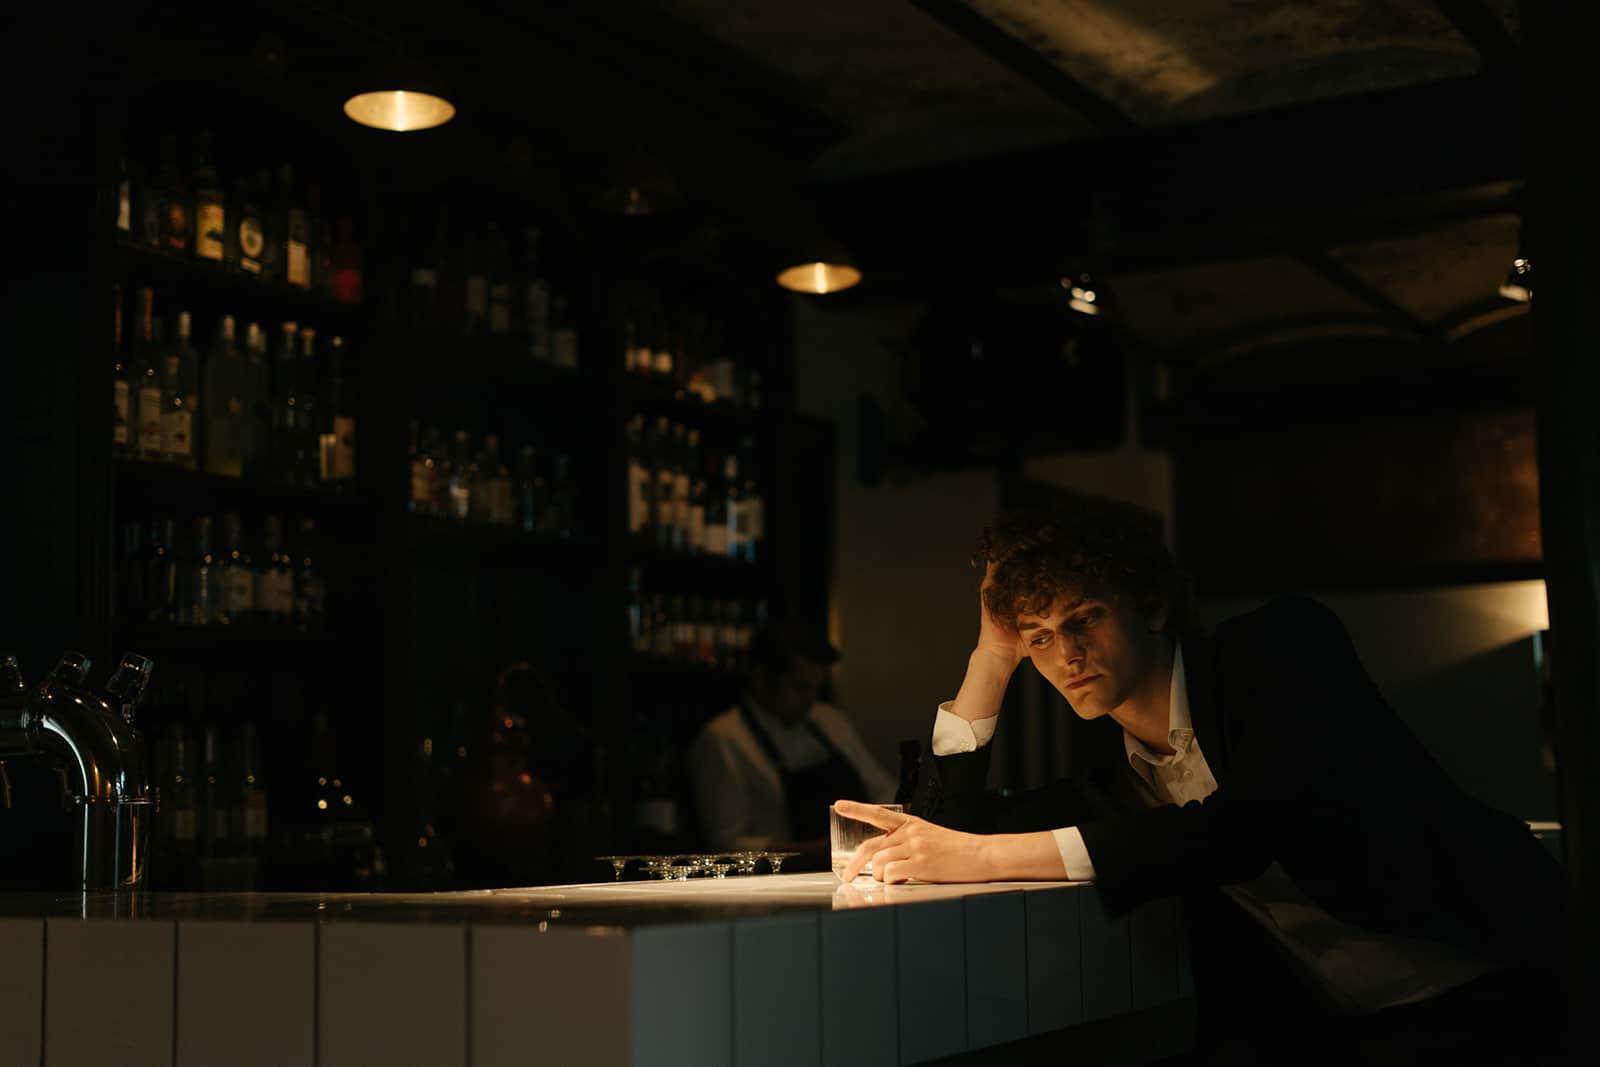 nachdenklicher Mann, der alleine an der Theke sitzt und auf sein Date wartet